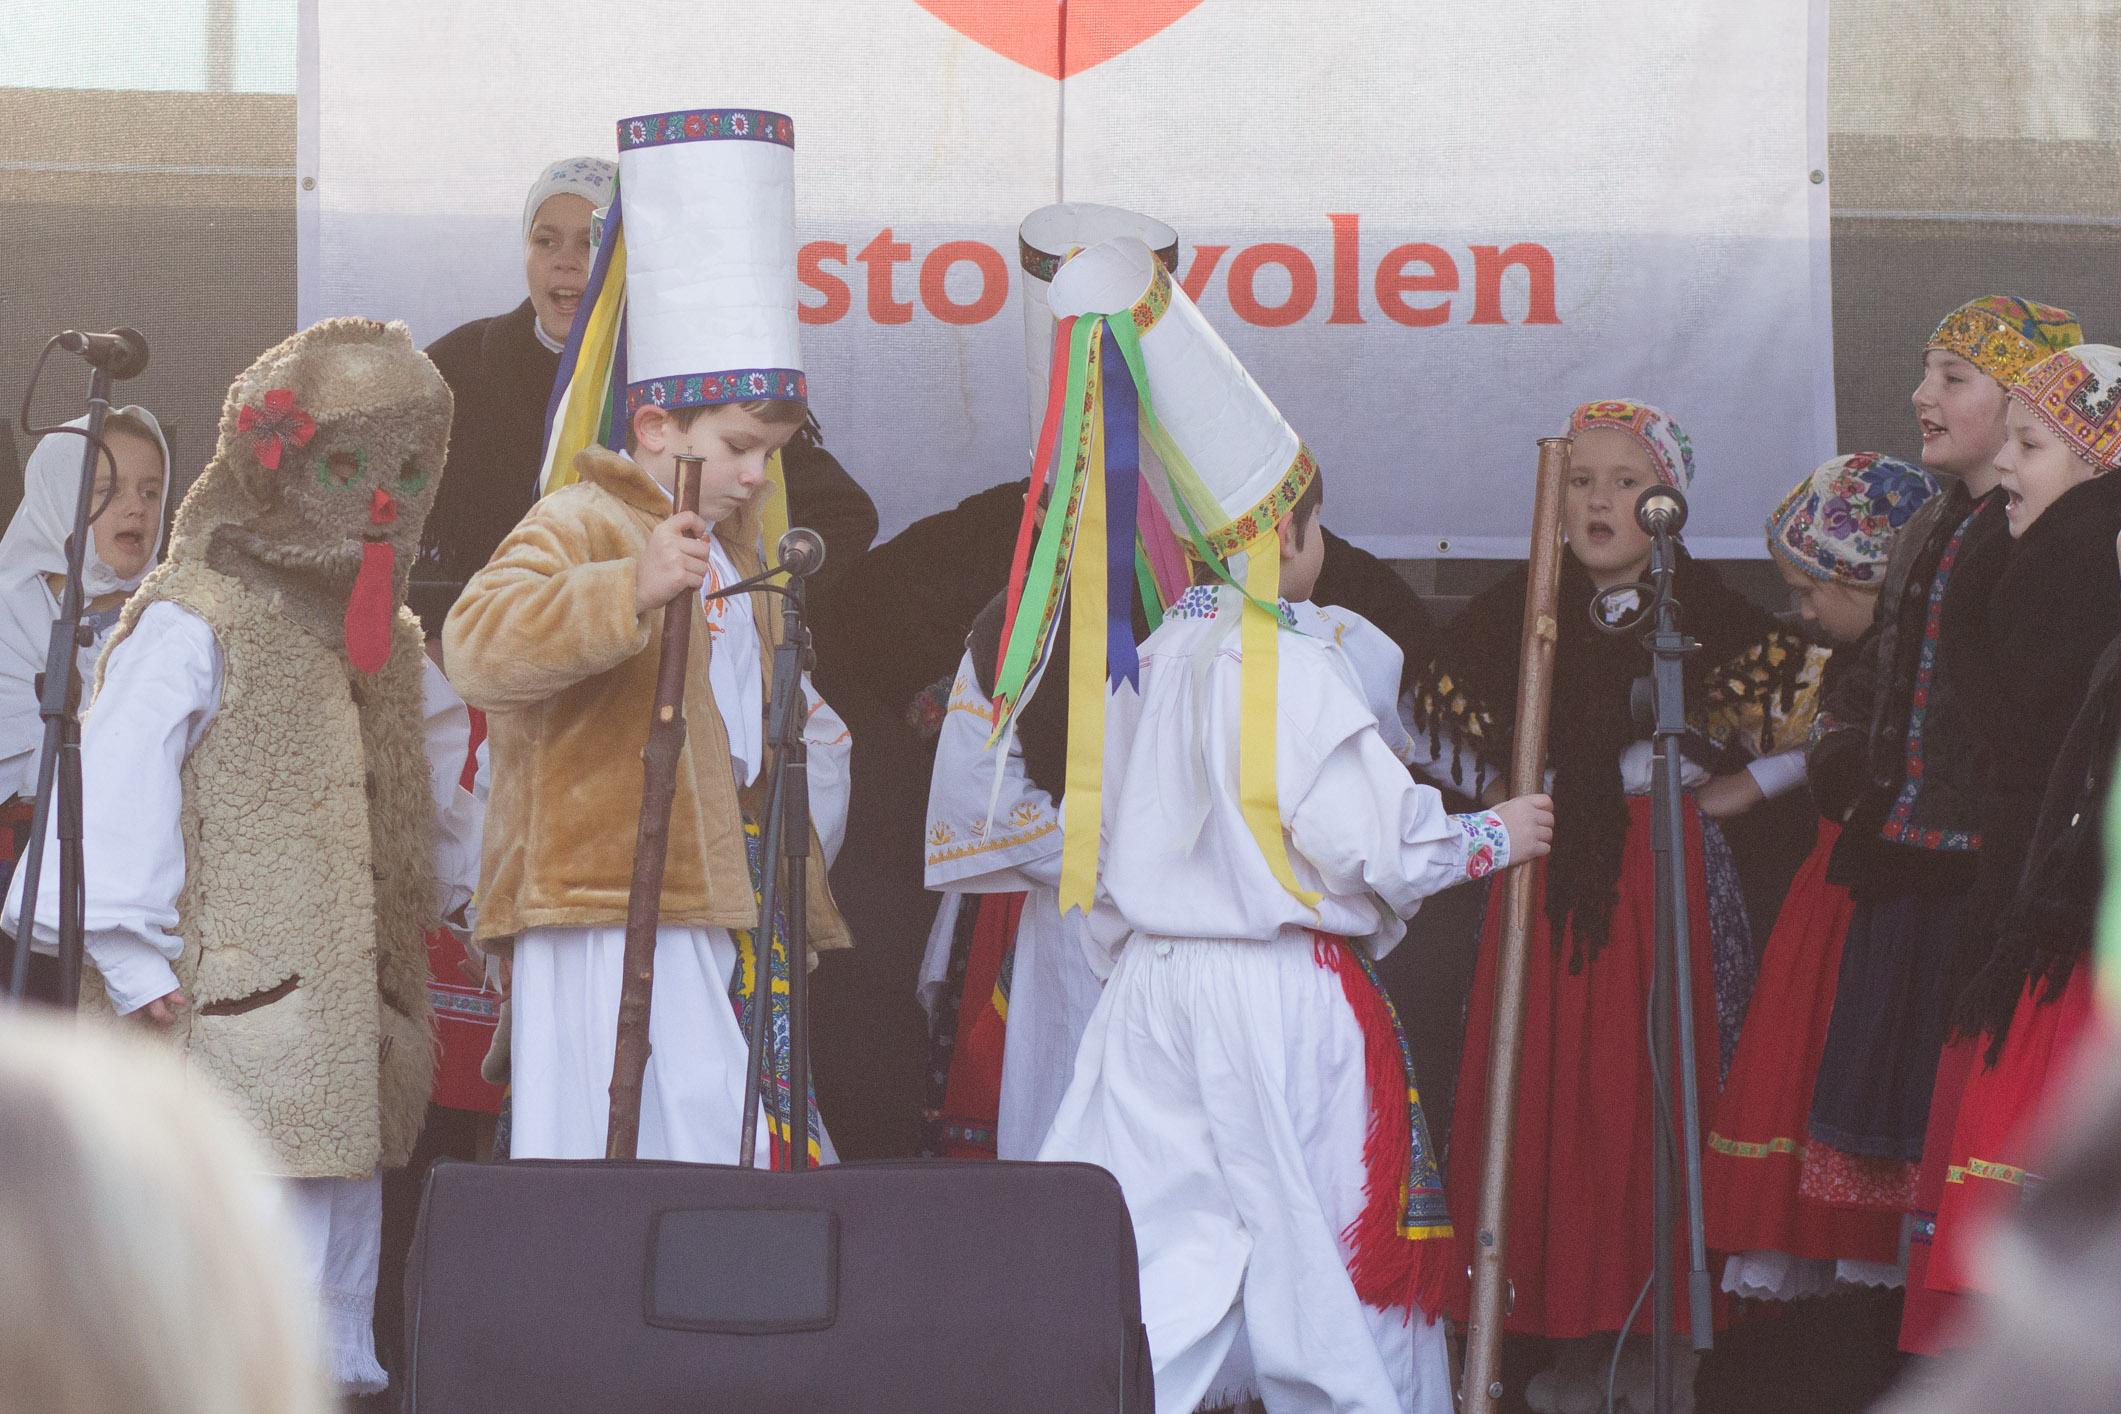 dfs-huncutik-vianocne-namestie-2014-zvolen-1